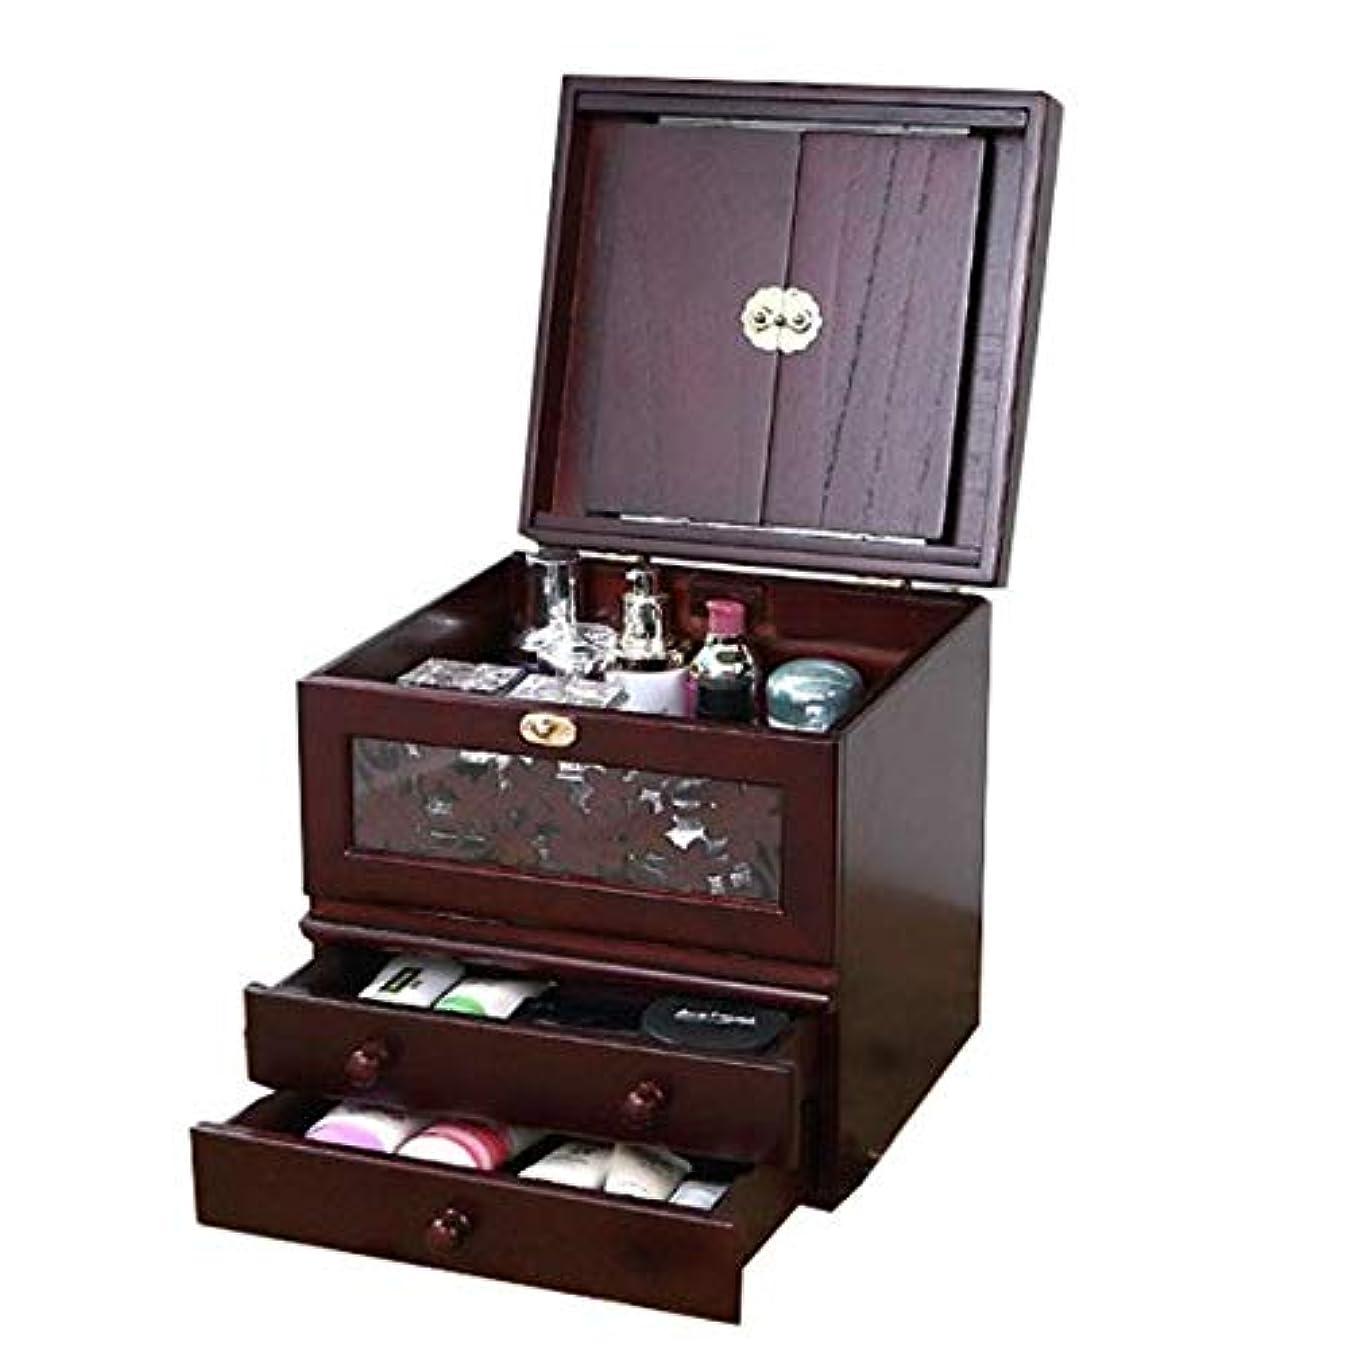 シャーロックホームズ東ティモール思いやり化粧箱、ミラー付きヴィンテージ木製化粧品ケースの3層、ハイエンドの結婚祝い、新築祝いのギフト、美容ネイルジュエリー収納ボックス